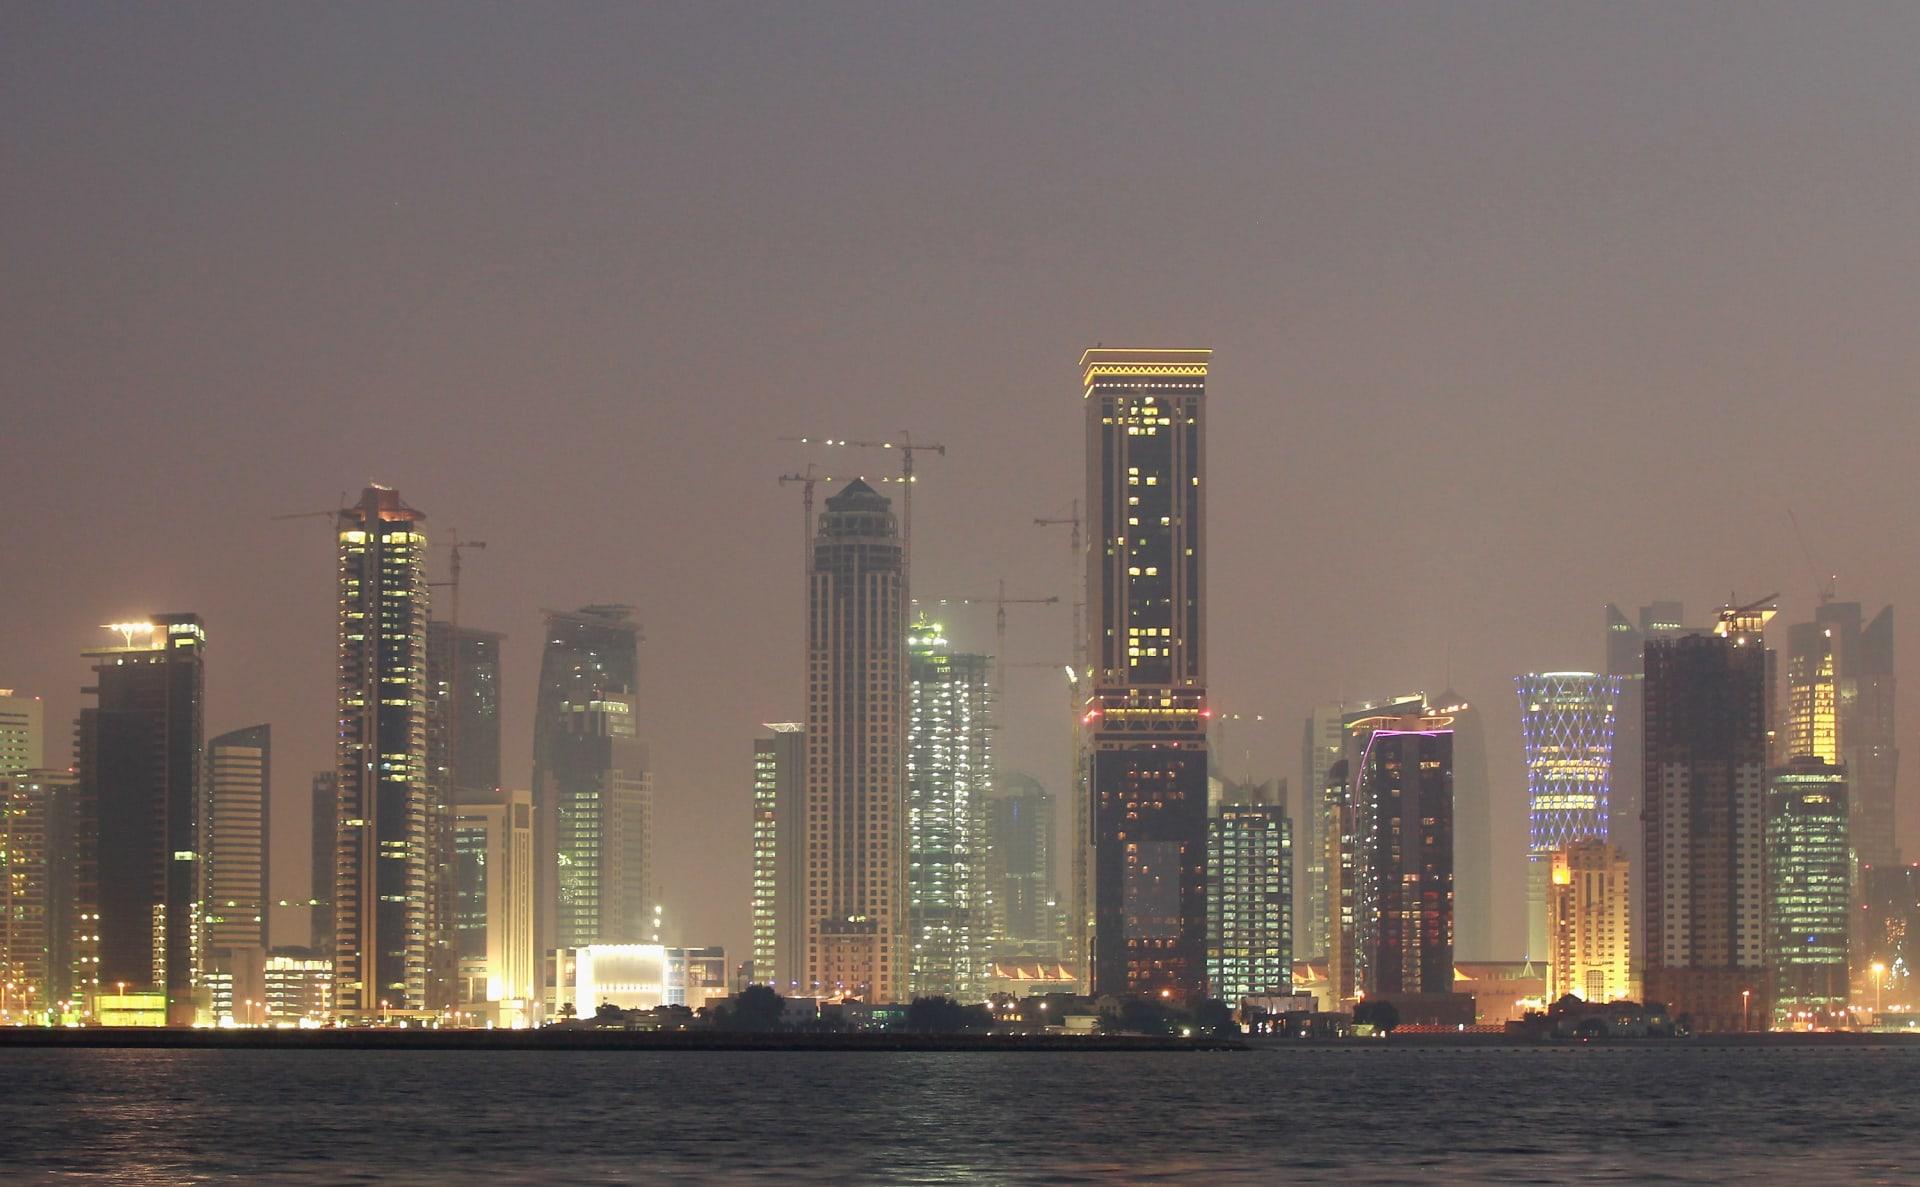 قطر توقع اتفاقية شراكة مع مؤسسة استشارية أمريكية لمكافحة تمويل الإرهاب